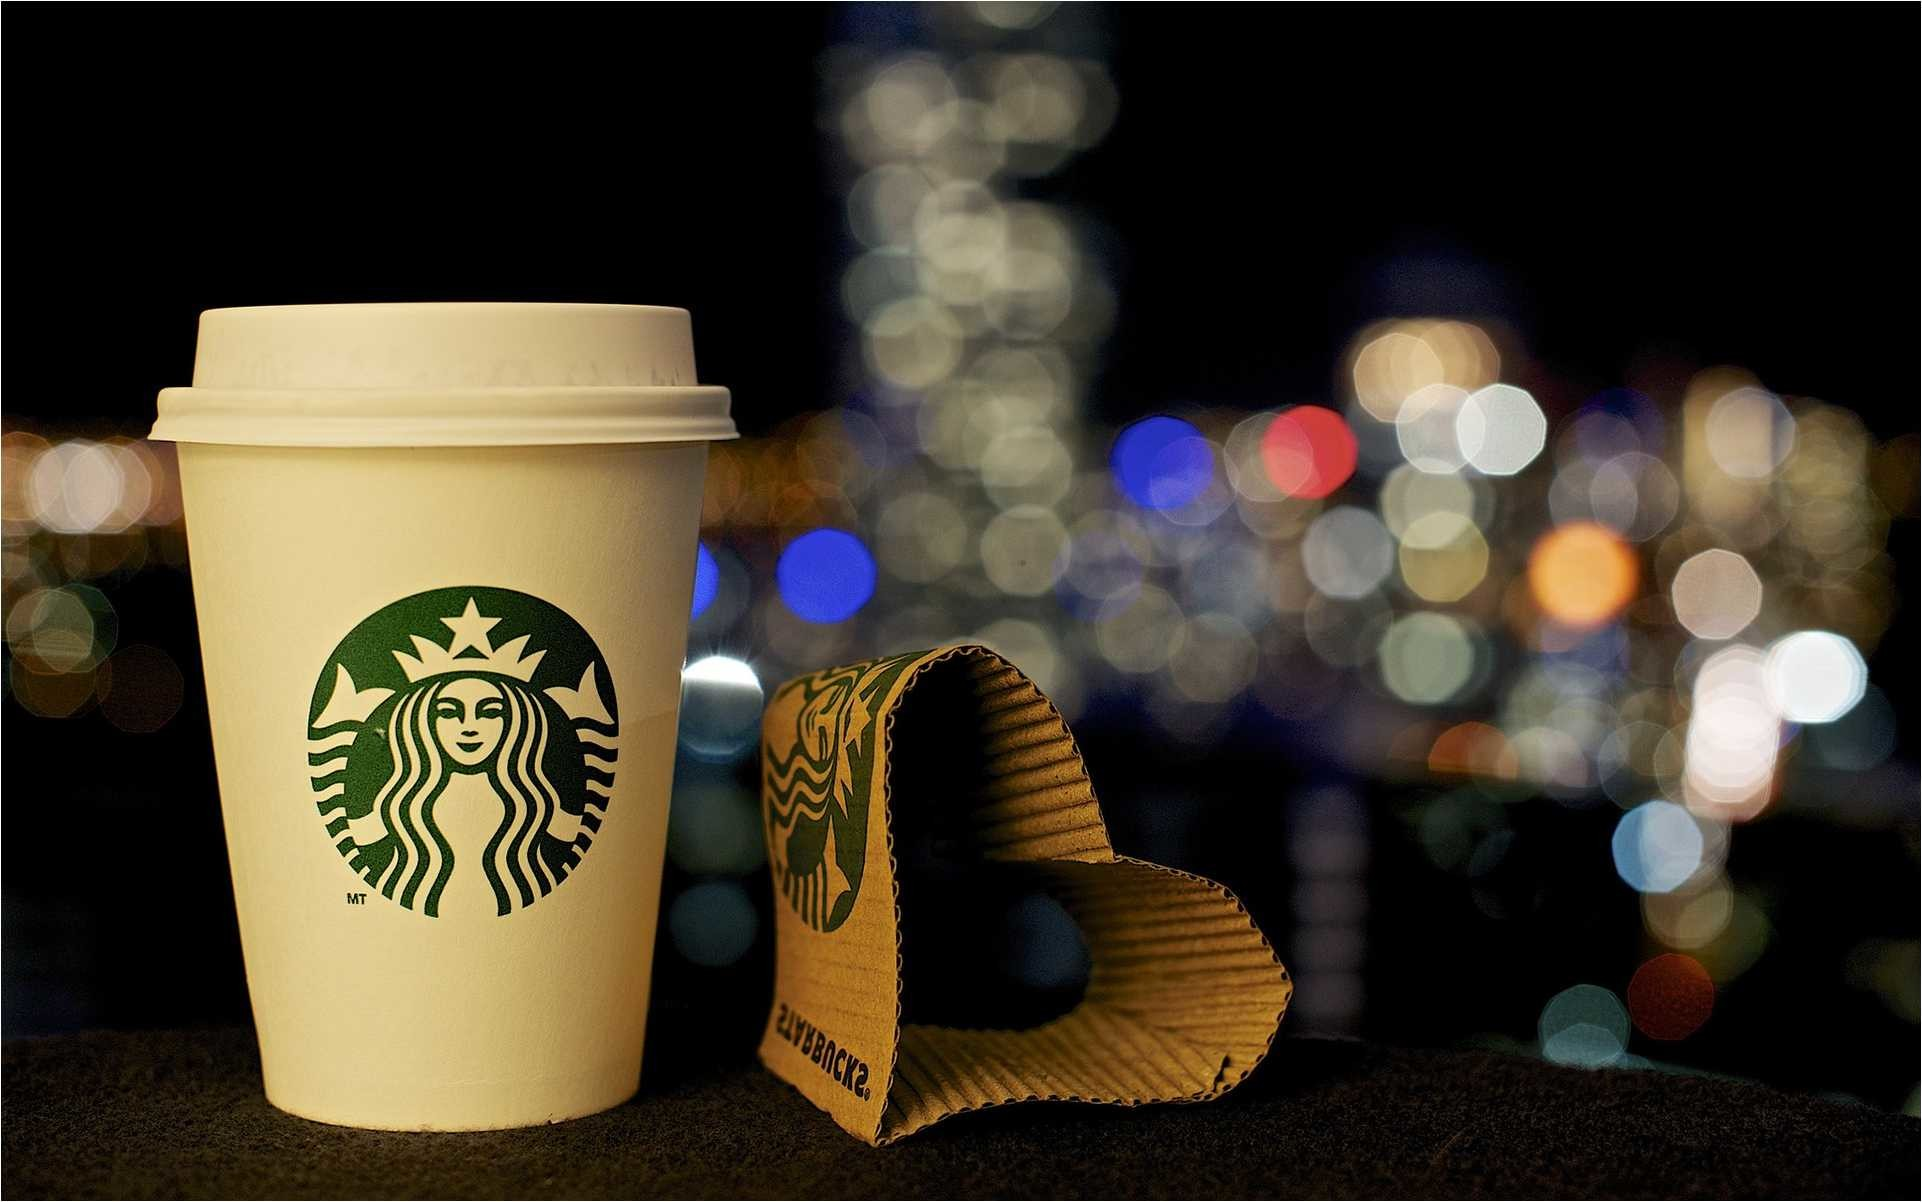 Öğrenci Kariyeri - Girişim Dünyası: Al Götür İlham Hikayesi: Starbucks